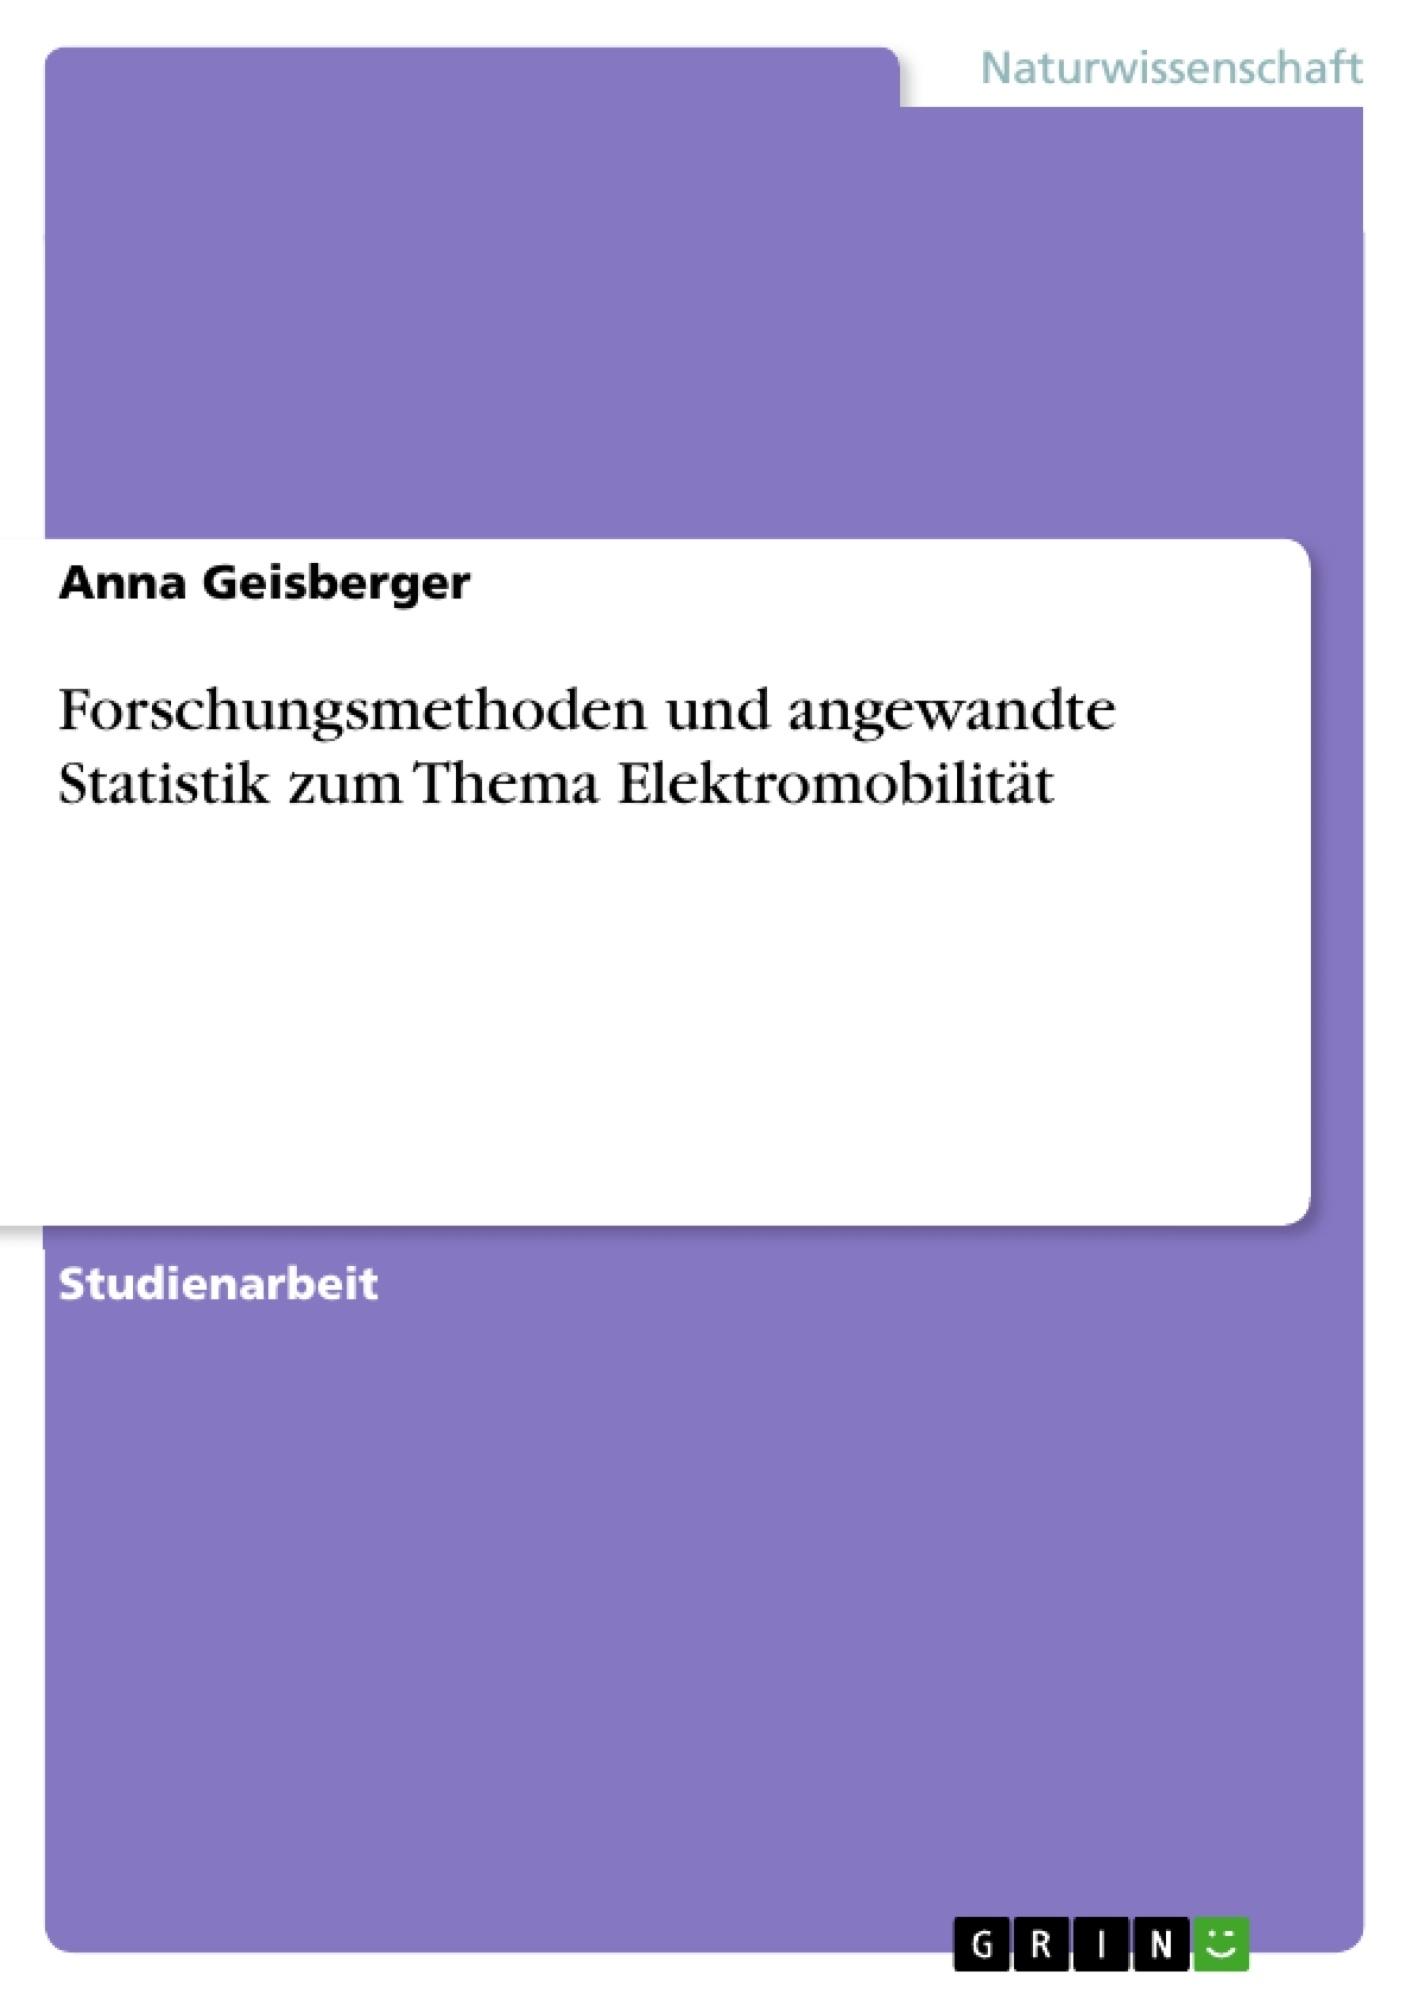 Titel: Forschungsmethoden und angewandte Statistik zum Thema Elektromobilität